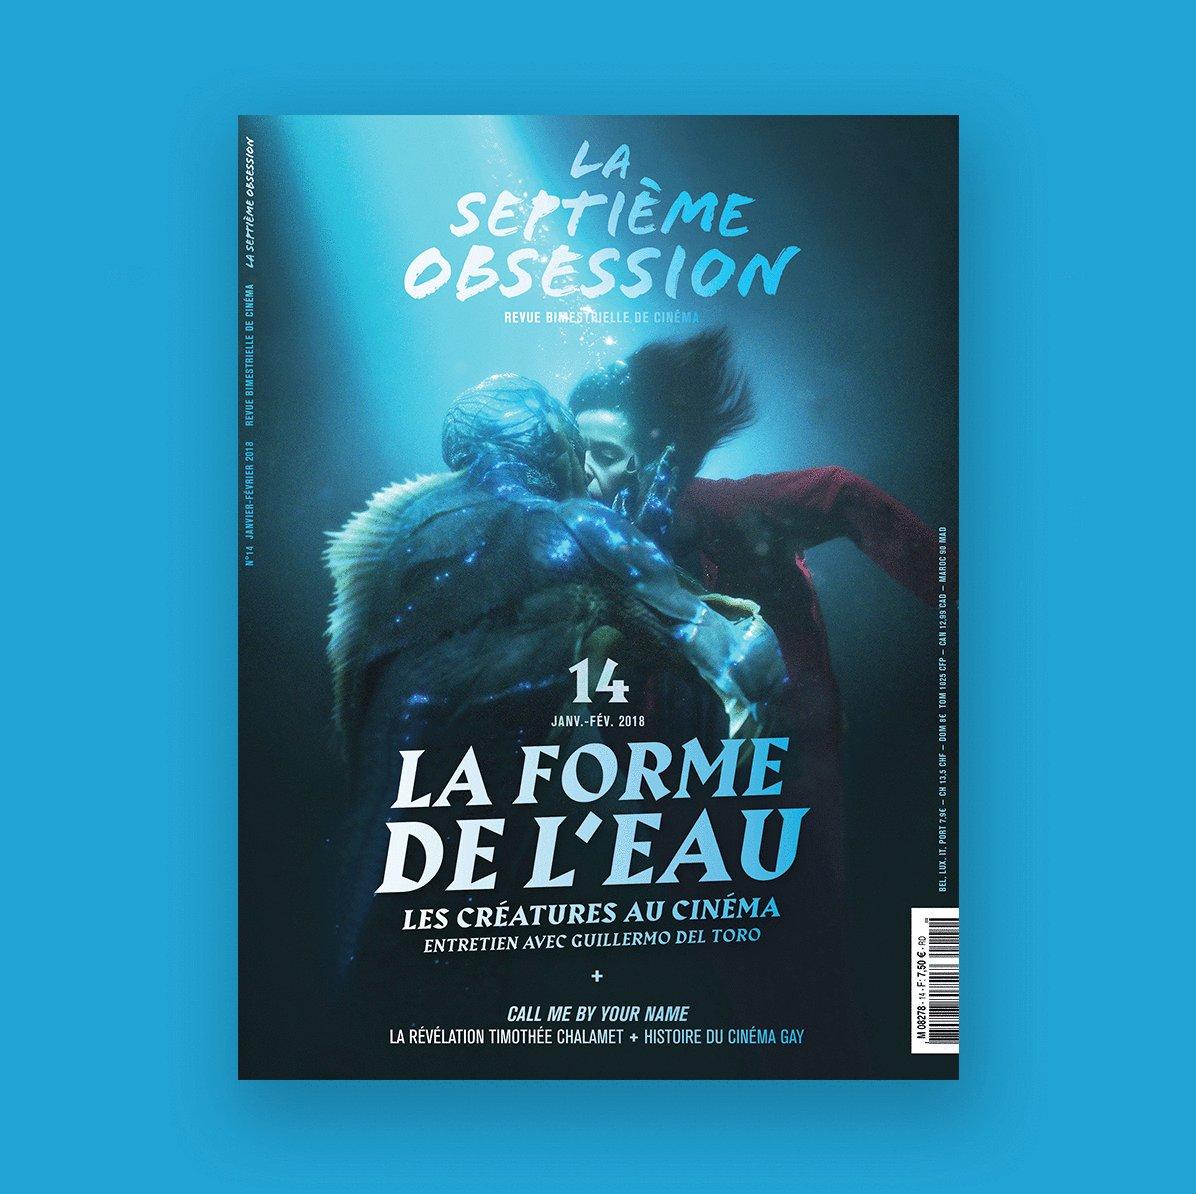 Notre N°14 est en kiosque avec 26 pages sur les créatures au cinéma ! #TheShapeOfWater #GuillermoDelToro #creature #monsters  - FestivalFocus